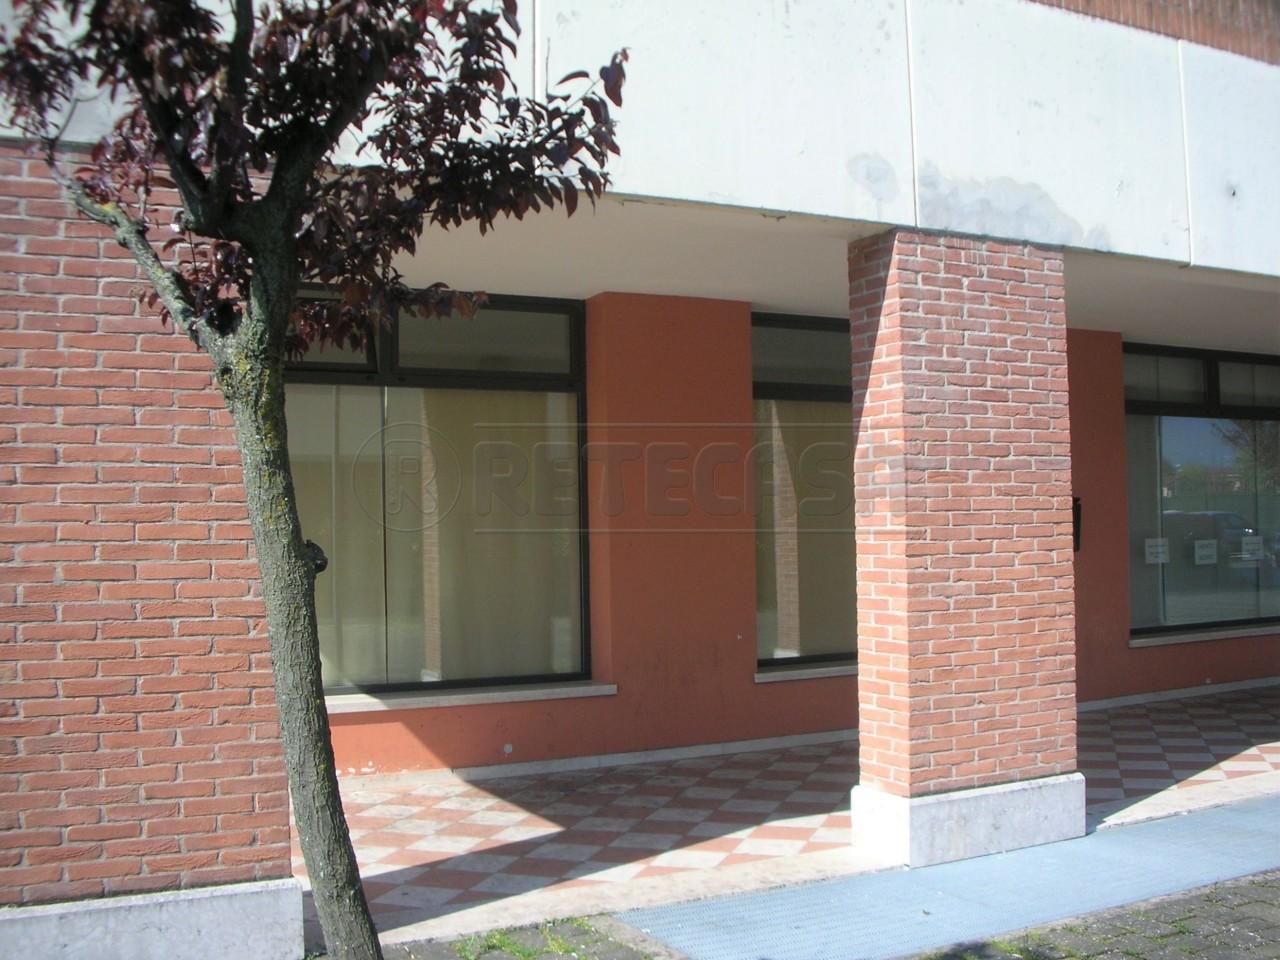 Negozio / Locale in vendita a Villaverla, 1 locali, prezzo € 45.000   CambioCasa.it